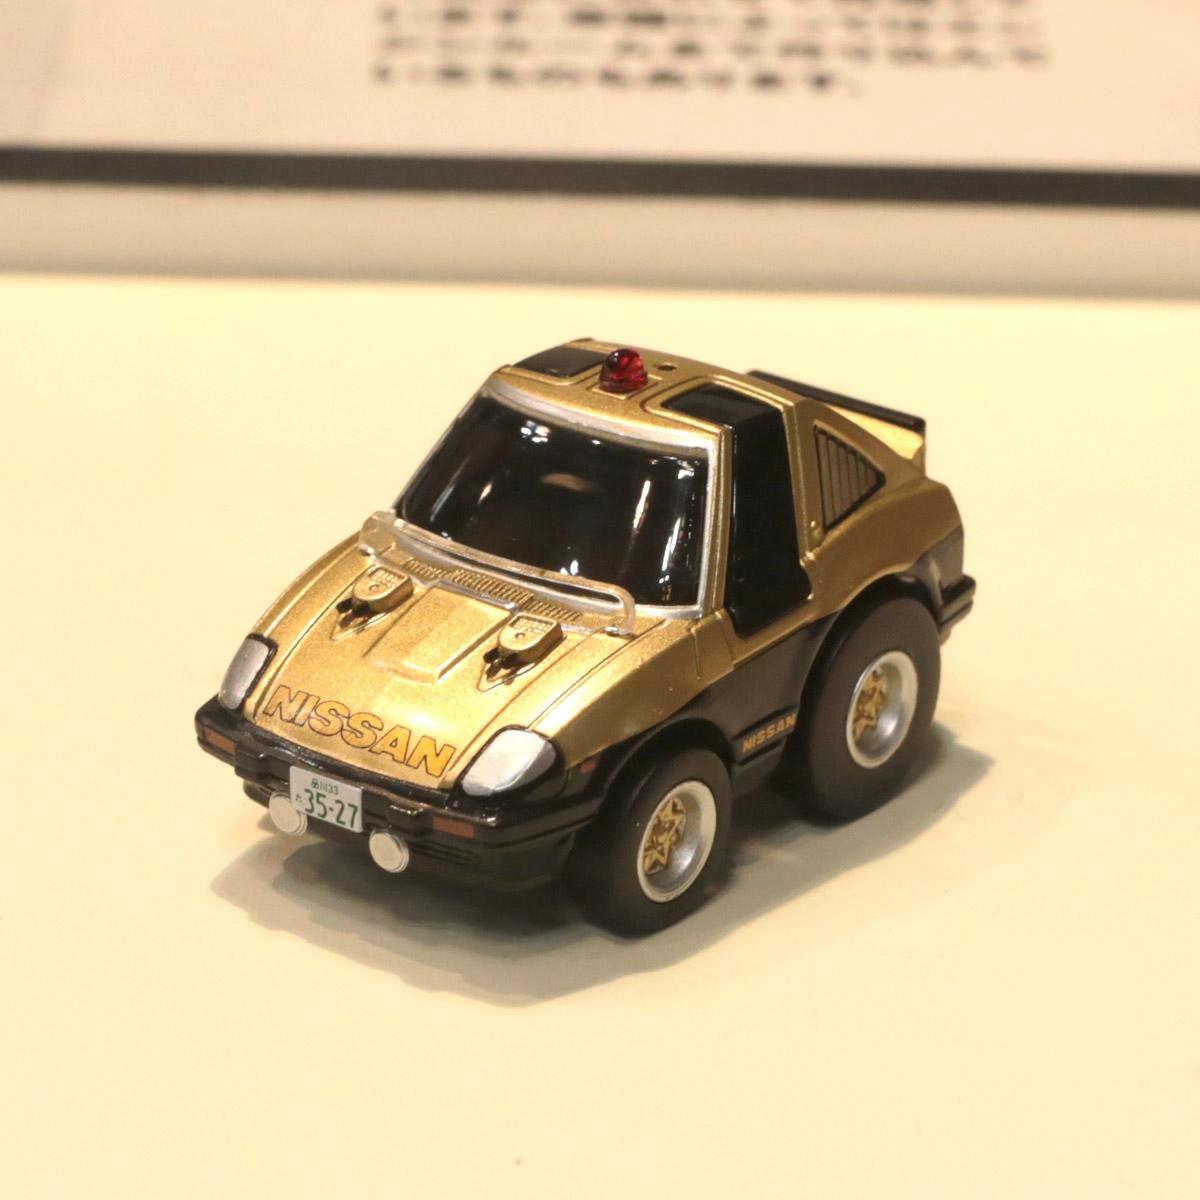 国産プラモ誕生60周年。レアな展示も見られる「全日本模型ホビーショー」の見どころは?